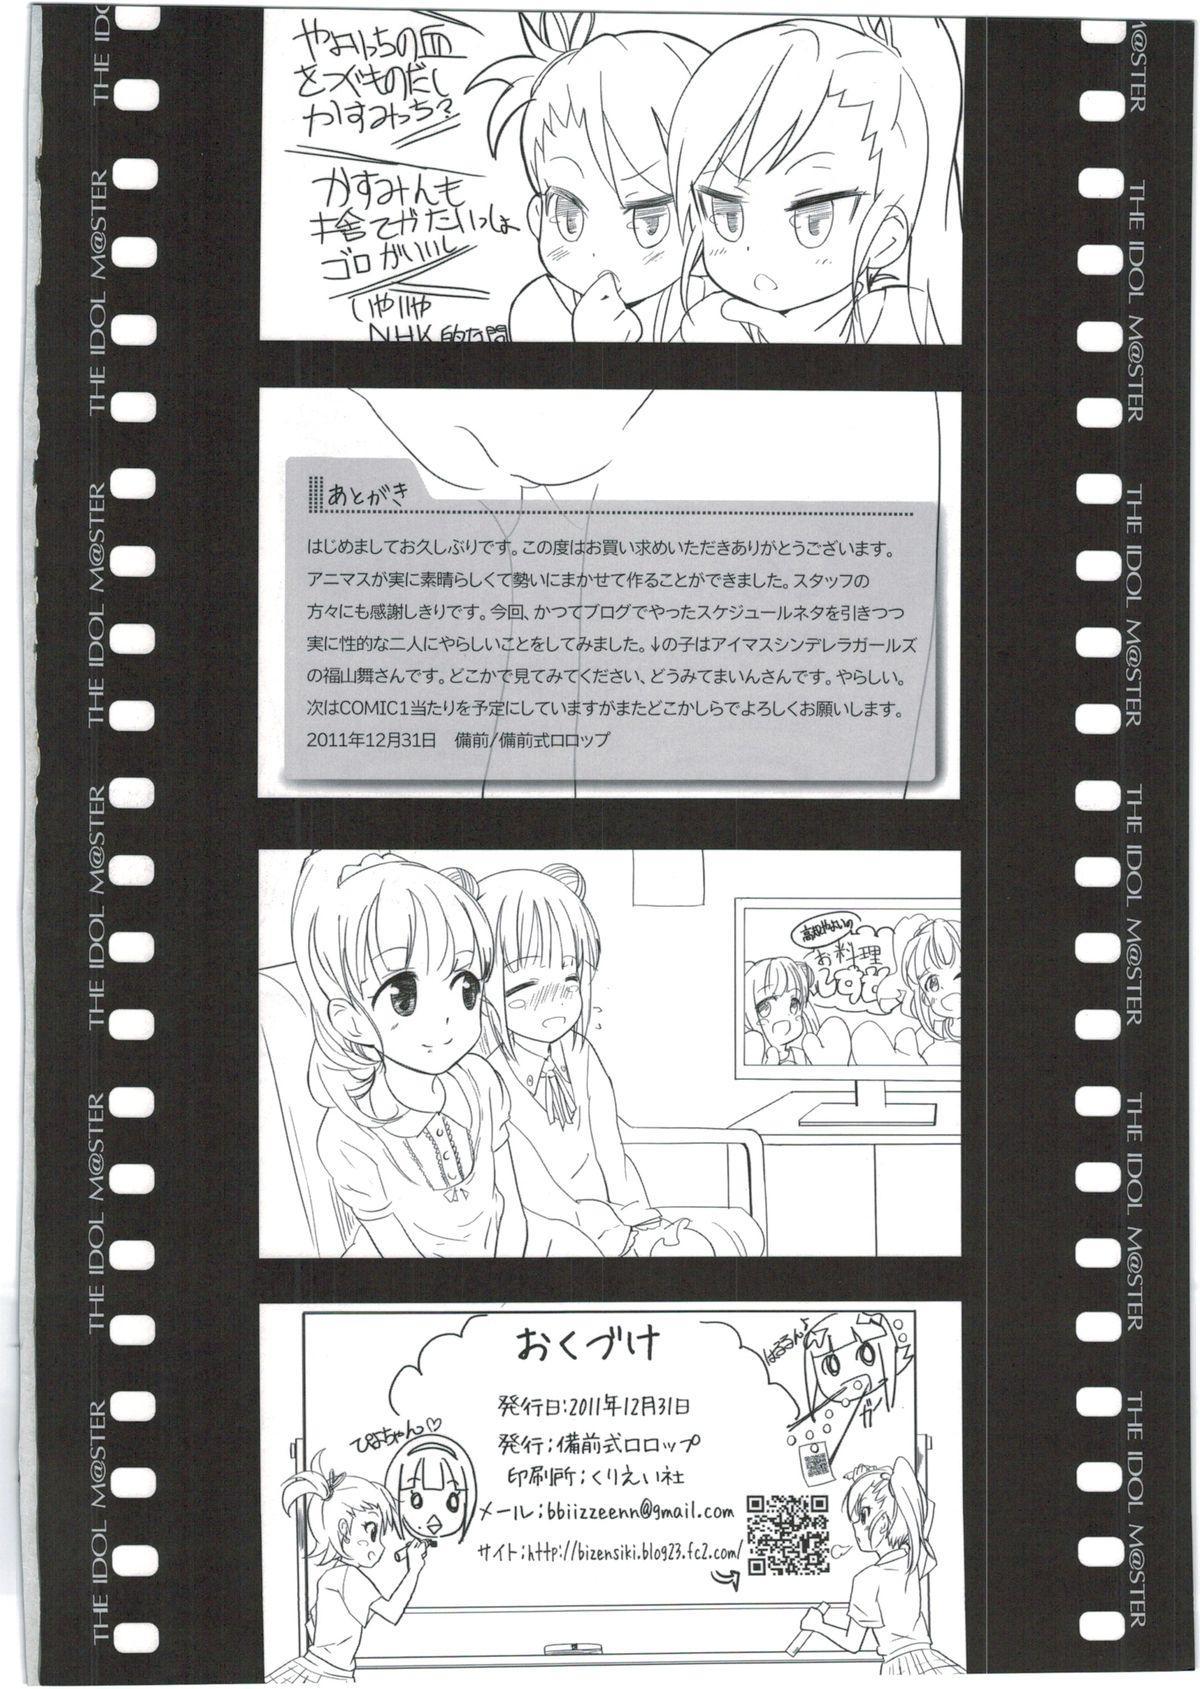 Mami_Kasumi_Oshiri Ecchi+ 29